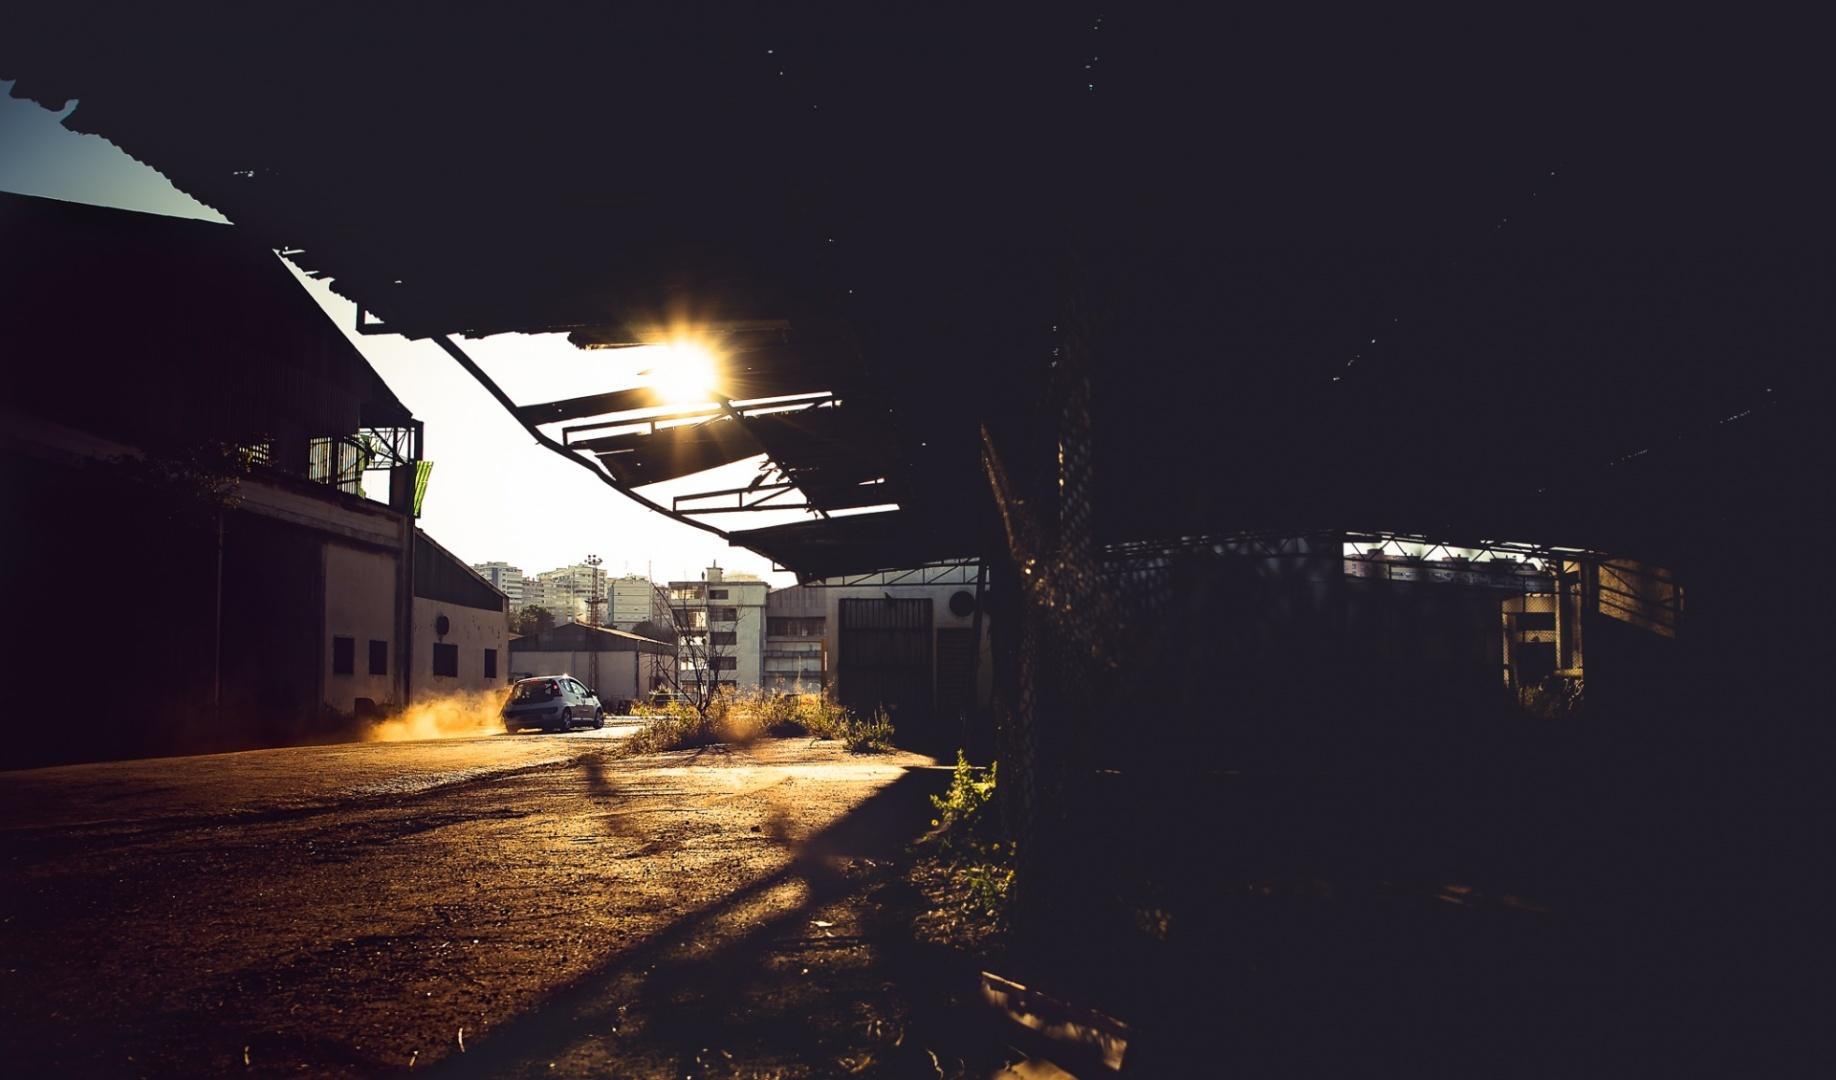 Desporto e Ação/Entre luzes e sombras